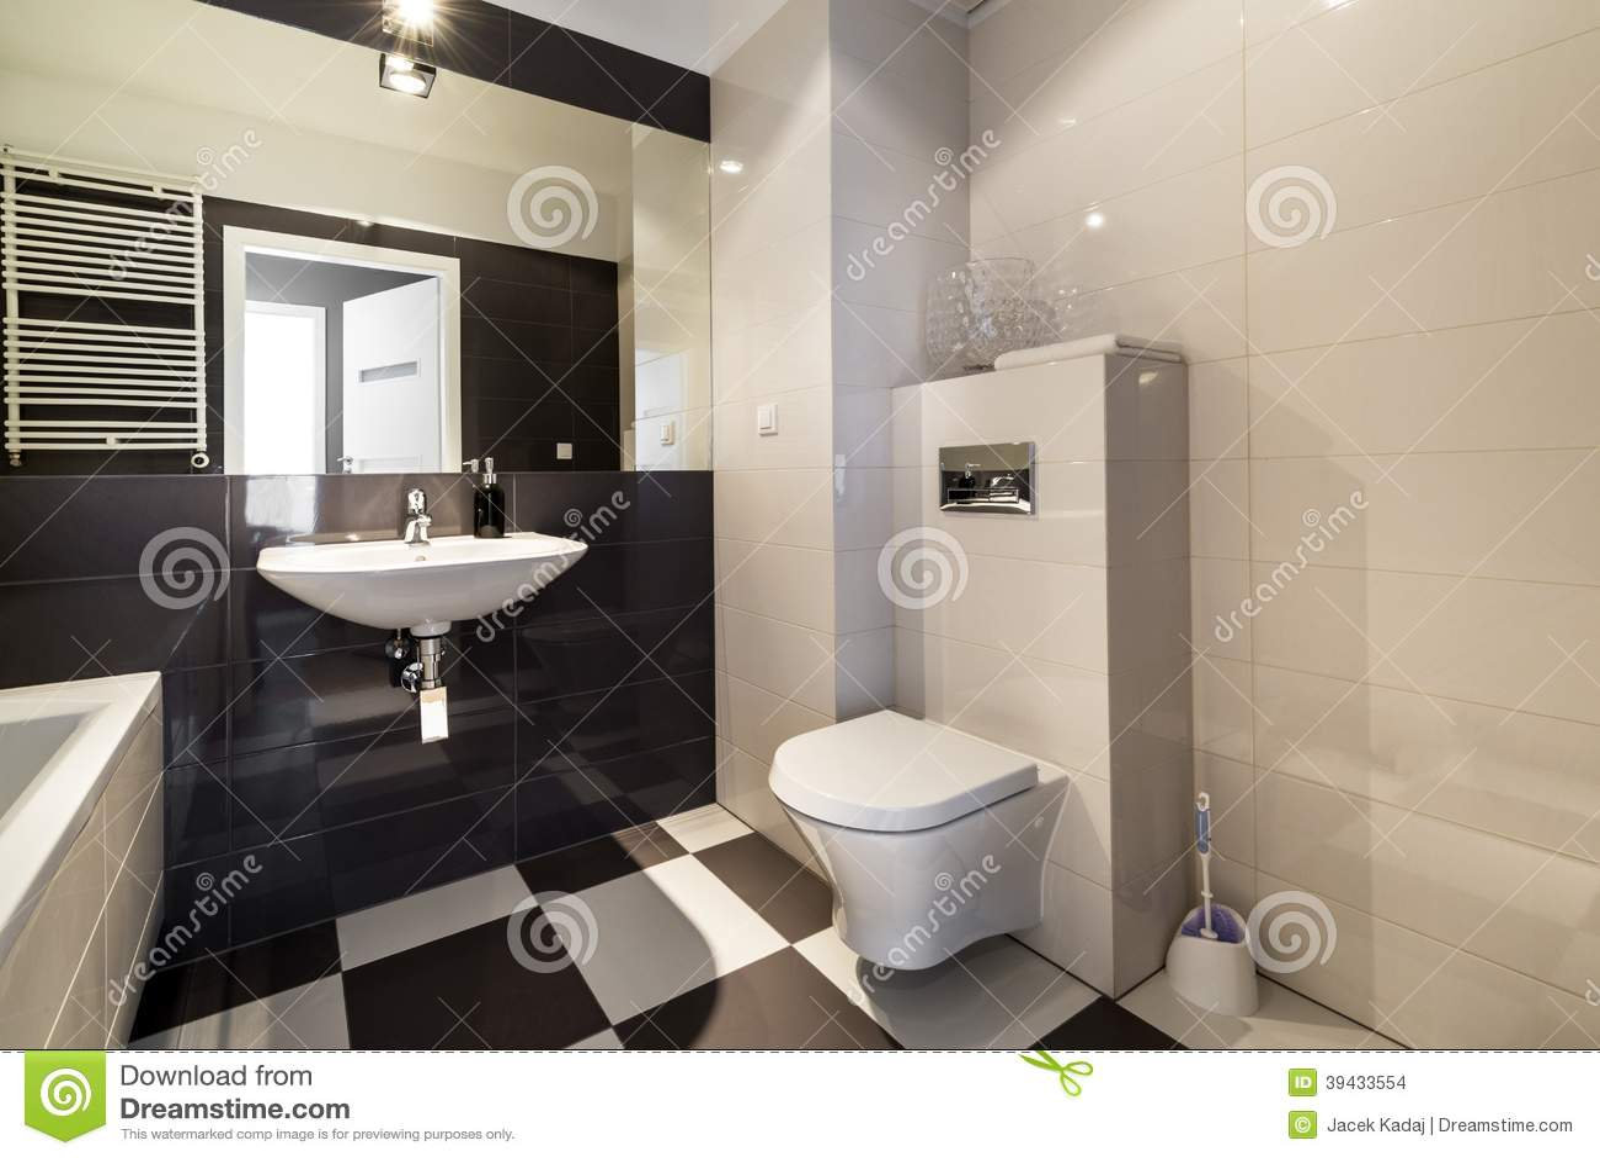 Download Modernes Badezimmer In Der Beige Farbe Stockfoto   Bild Von Bidet,  Badezimmer: 39433554